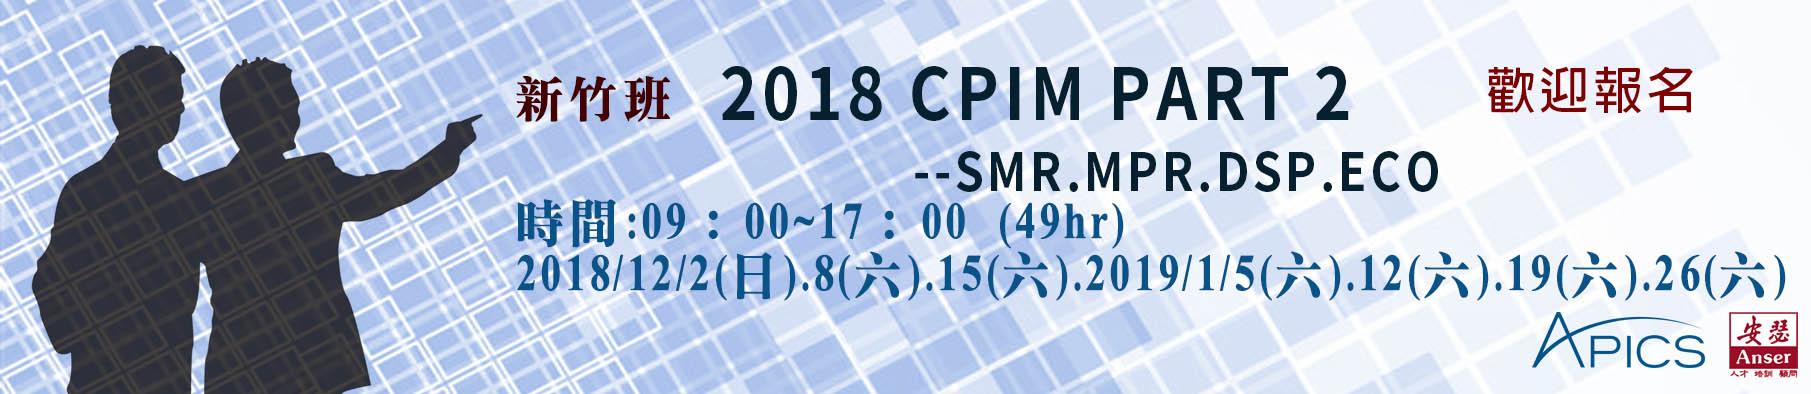 2018 part2 第三梯.jpg